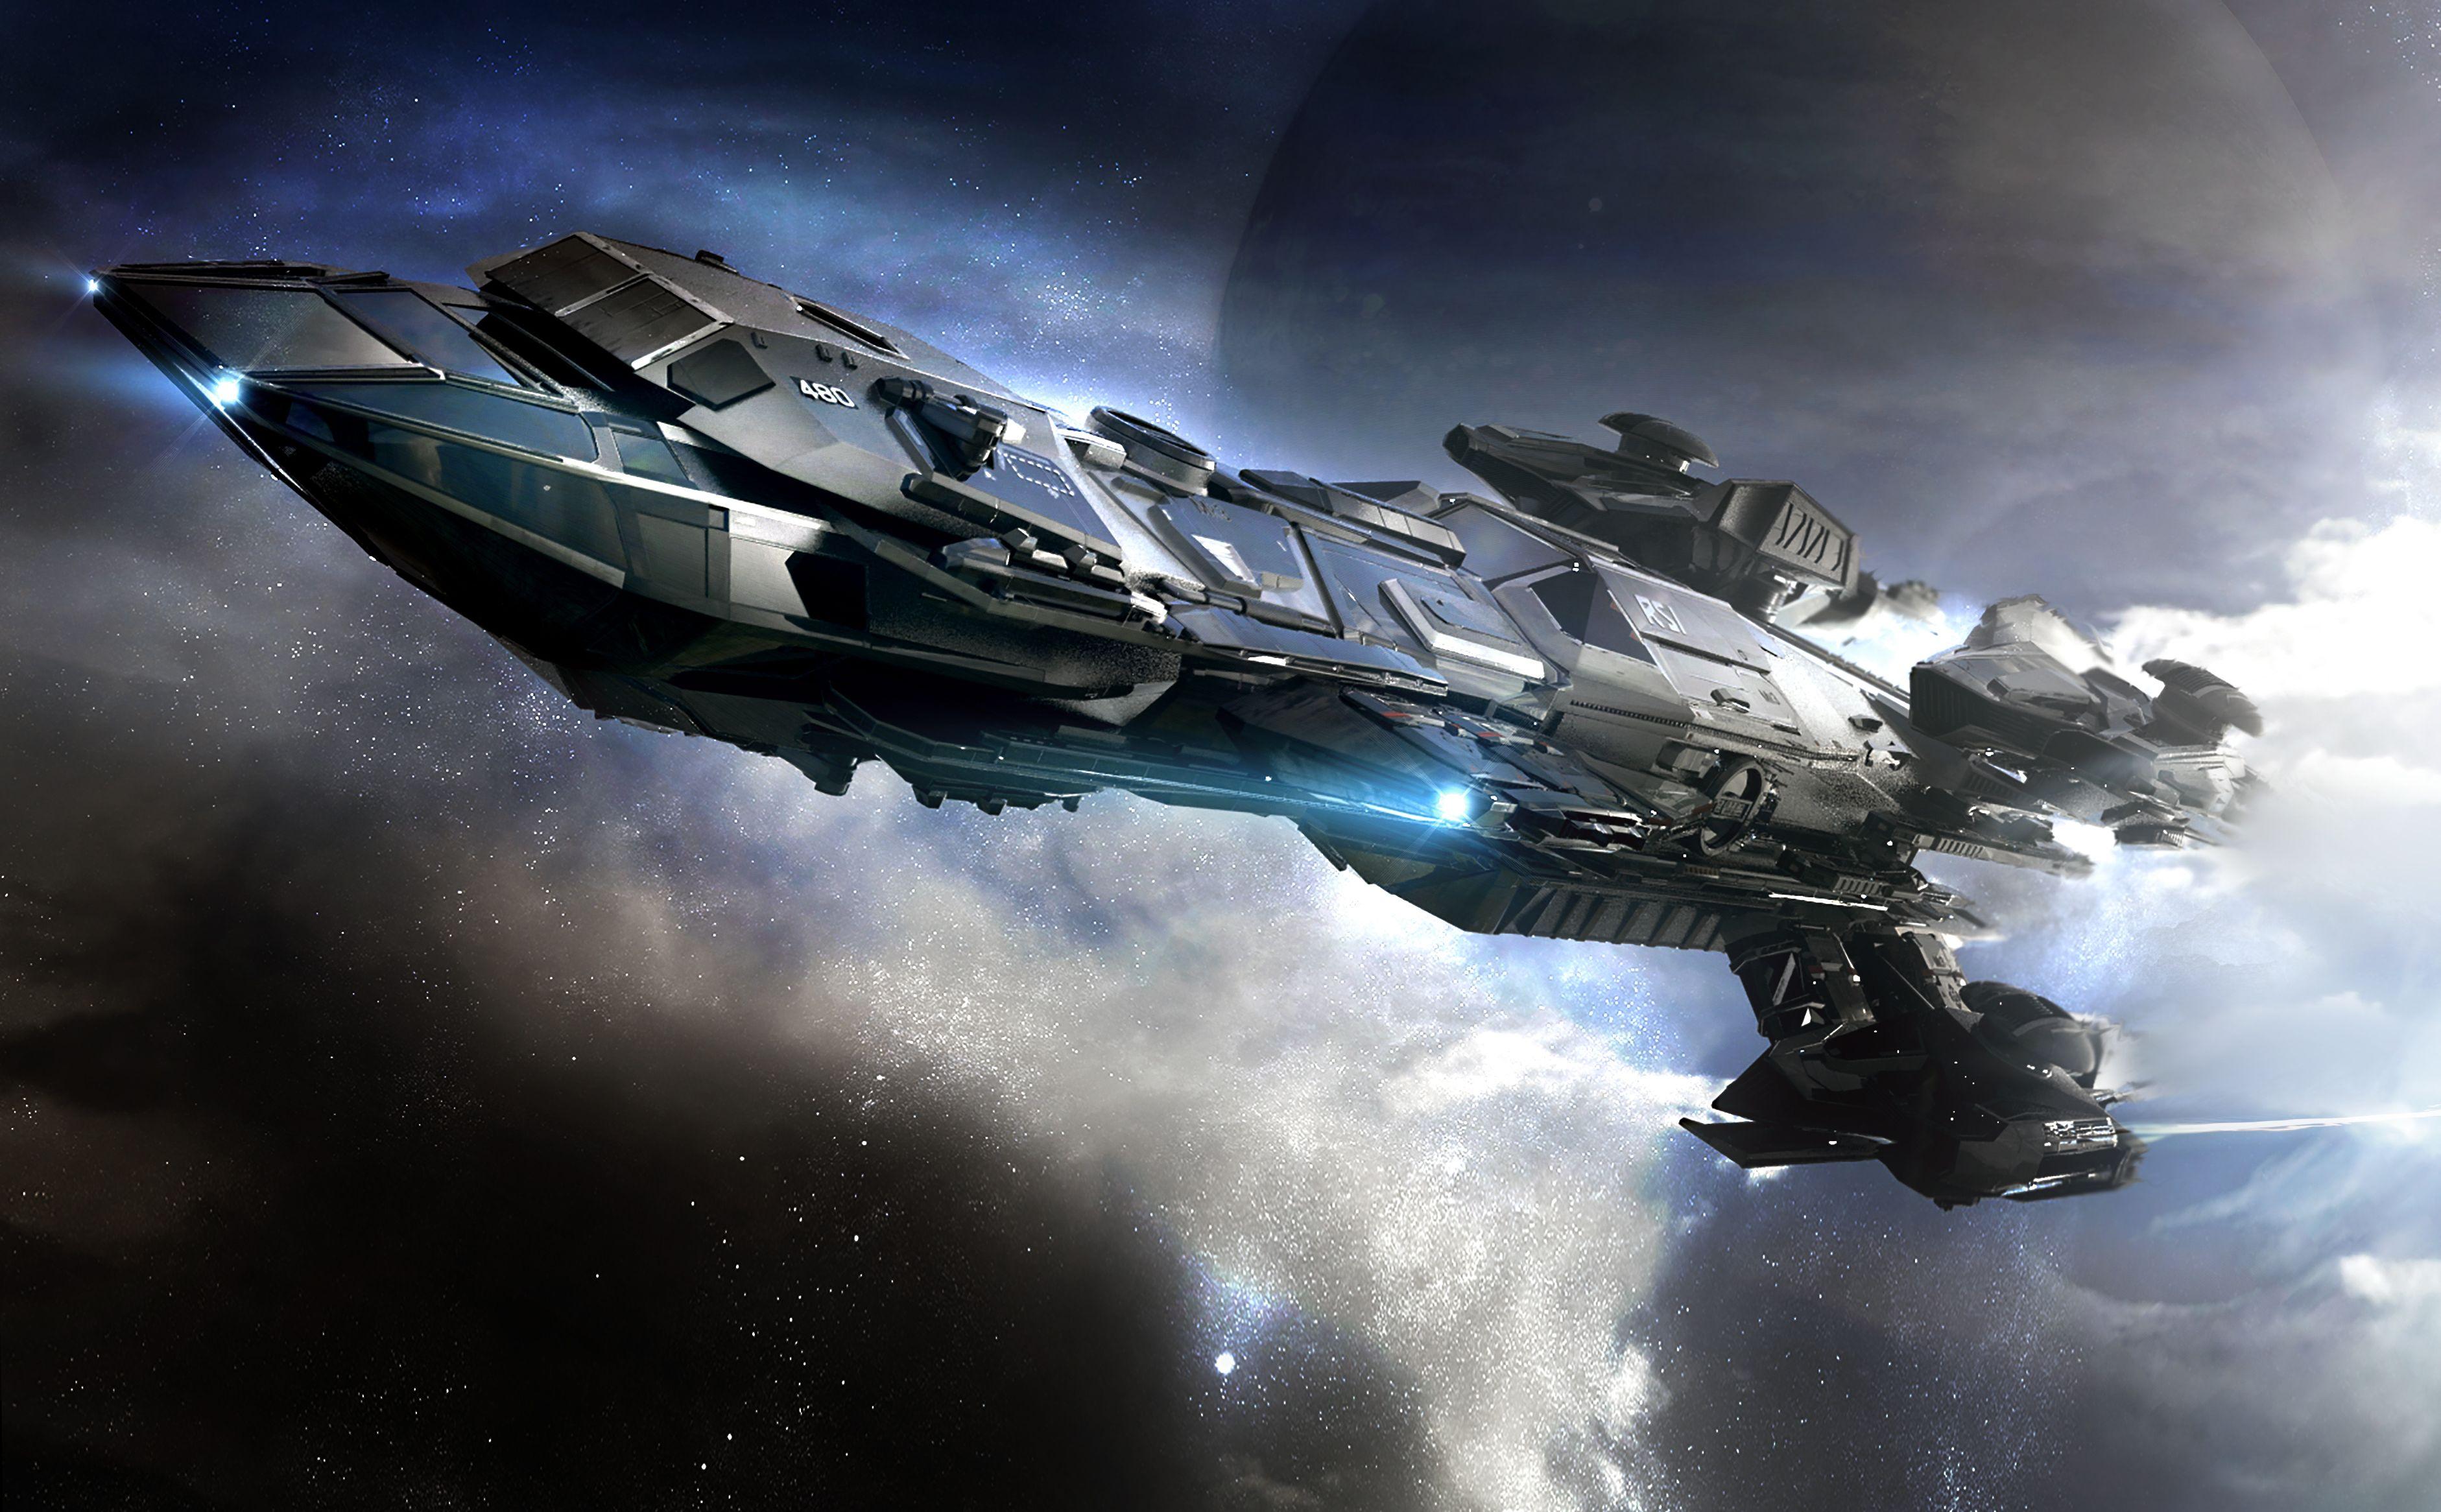 фото космических кораблей из фантастики этот прекрасный